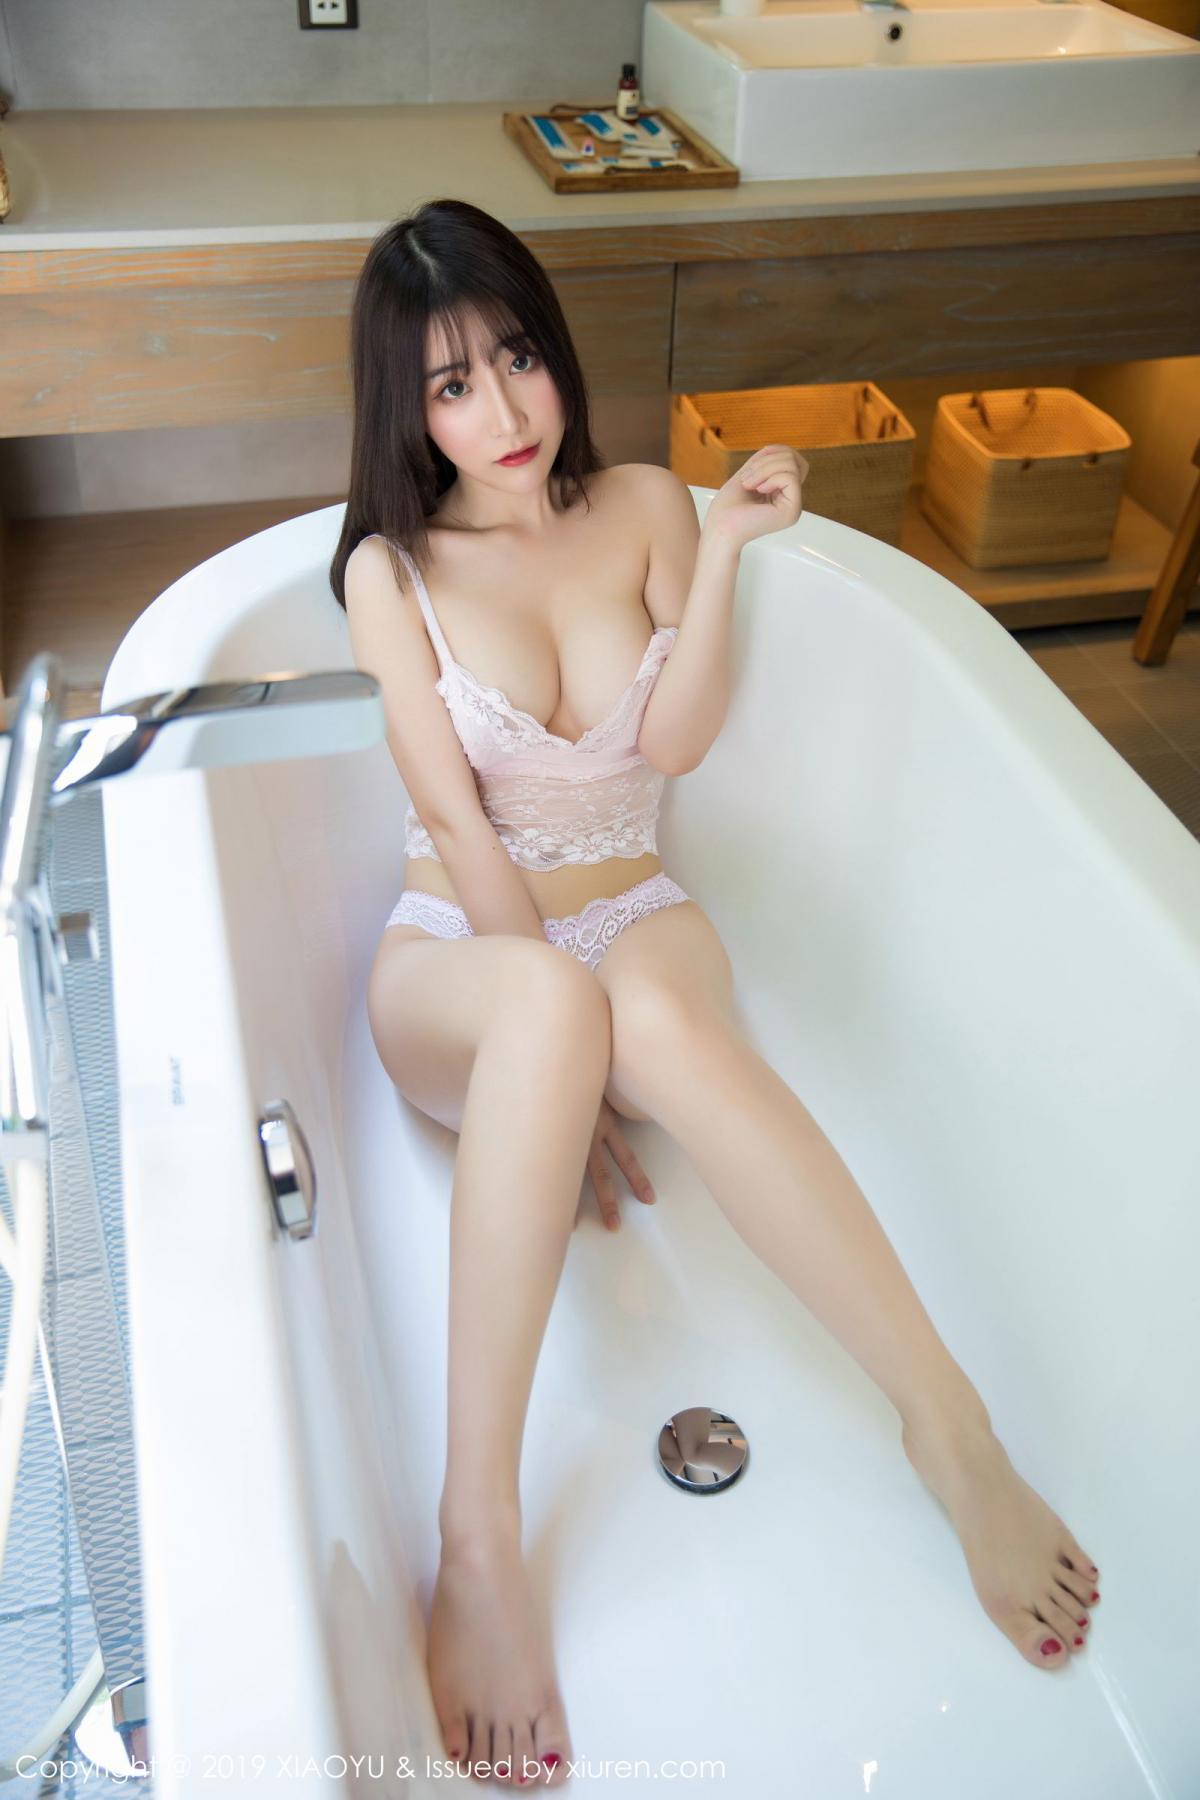 [XiaoYu] Vol.147 Xie Zhi Xin 43P, Bathroom, Big Booty, Wet, XiaoYu, Xie Zhi Xin